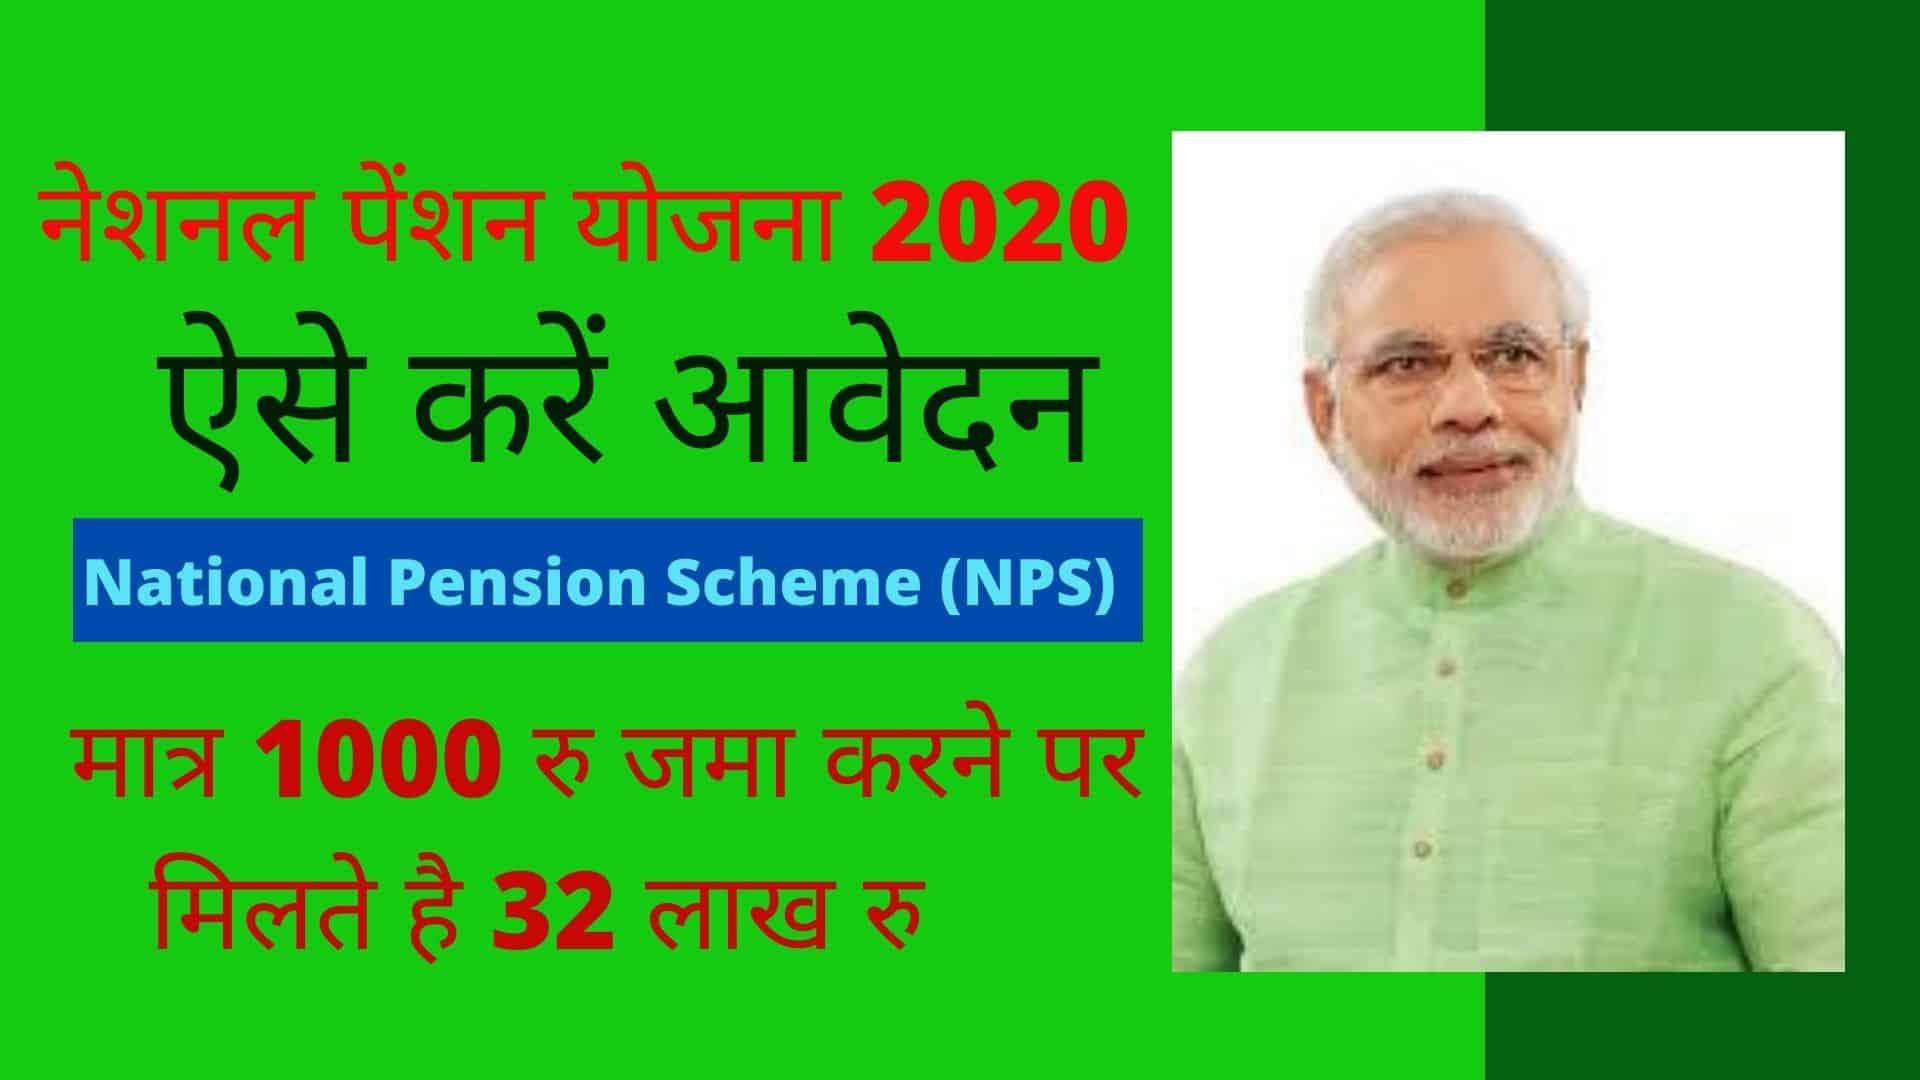 नेशनल पेंशन योजना 2020